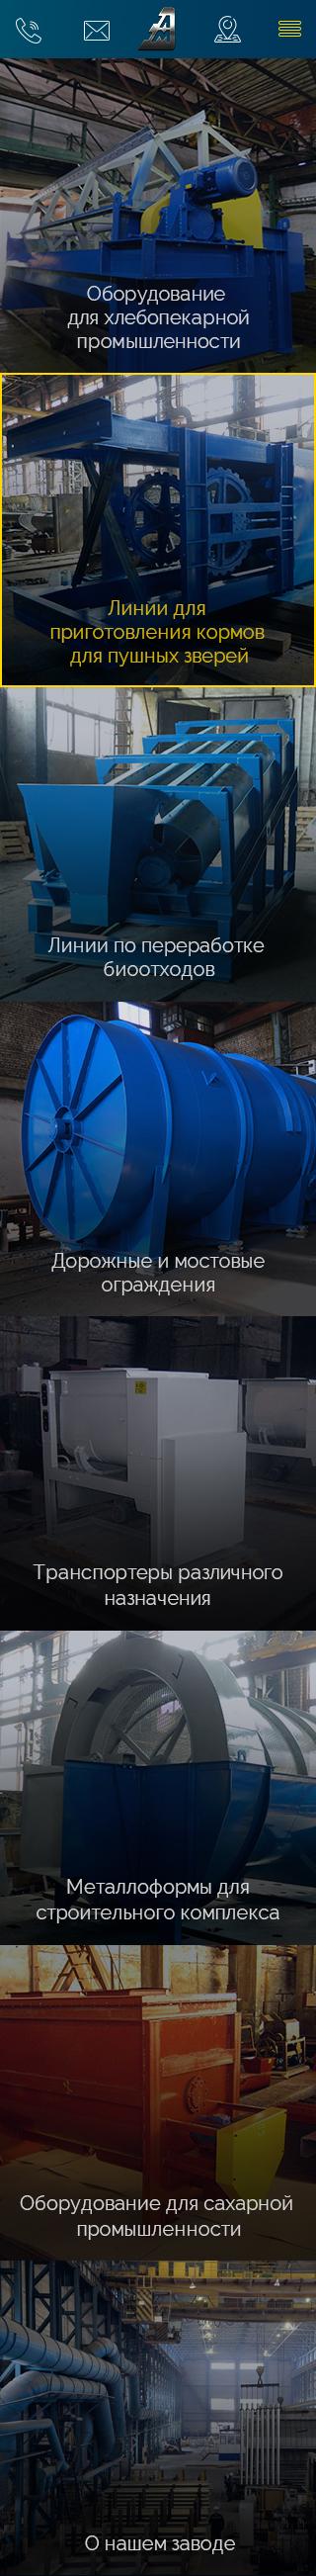 примеры сайтов производства Эртильский литейно-механический завод 320 px